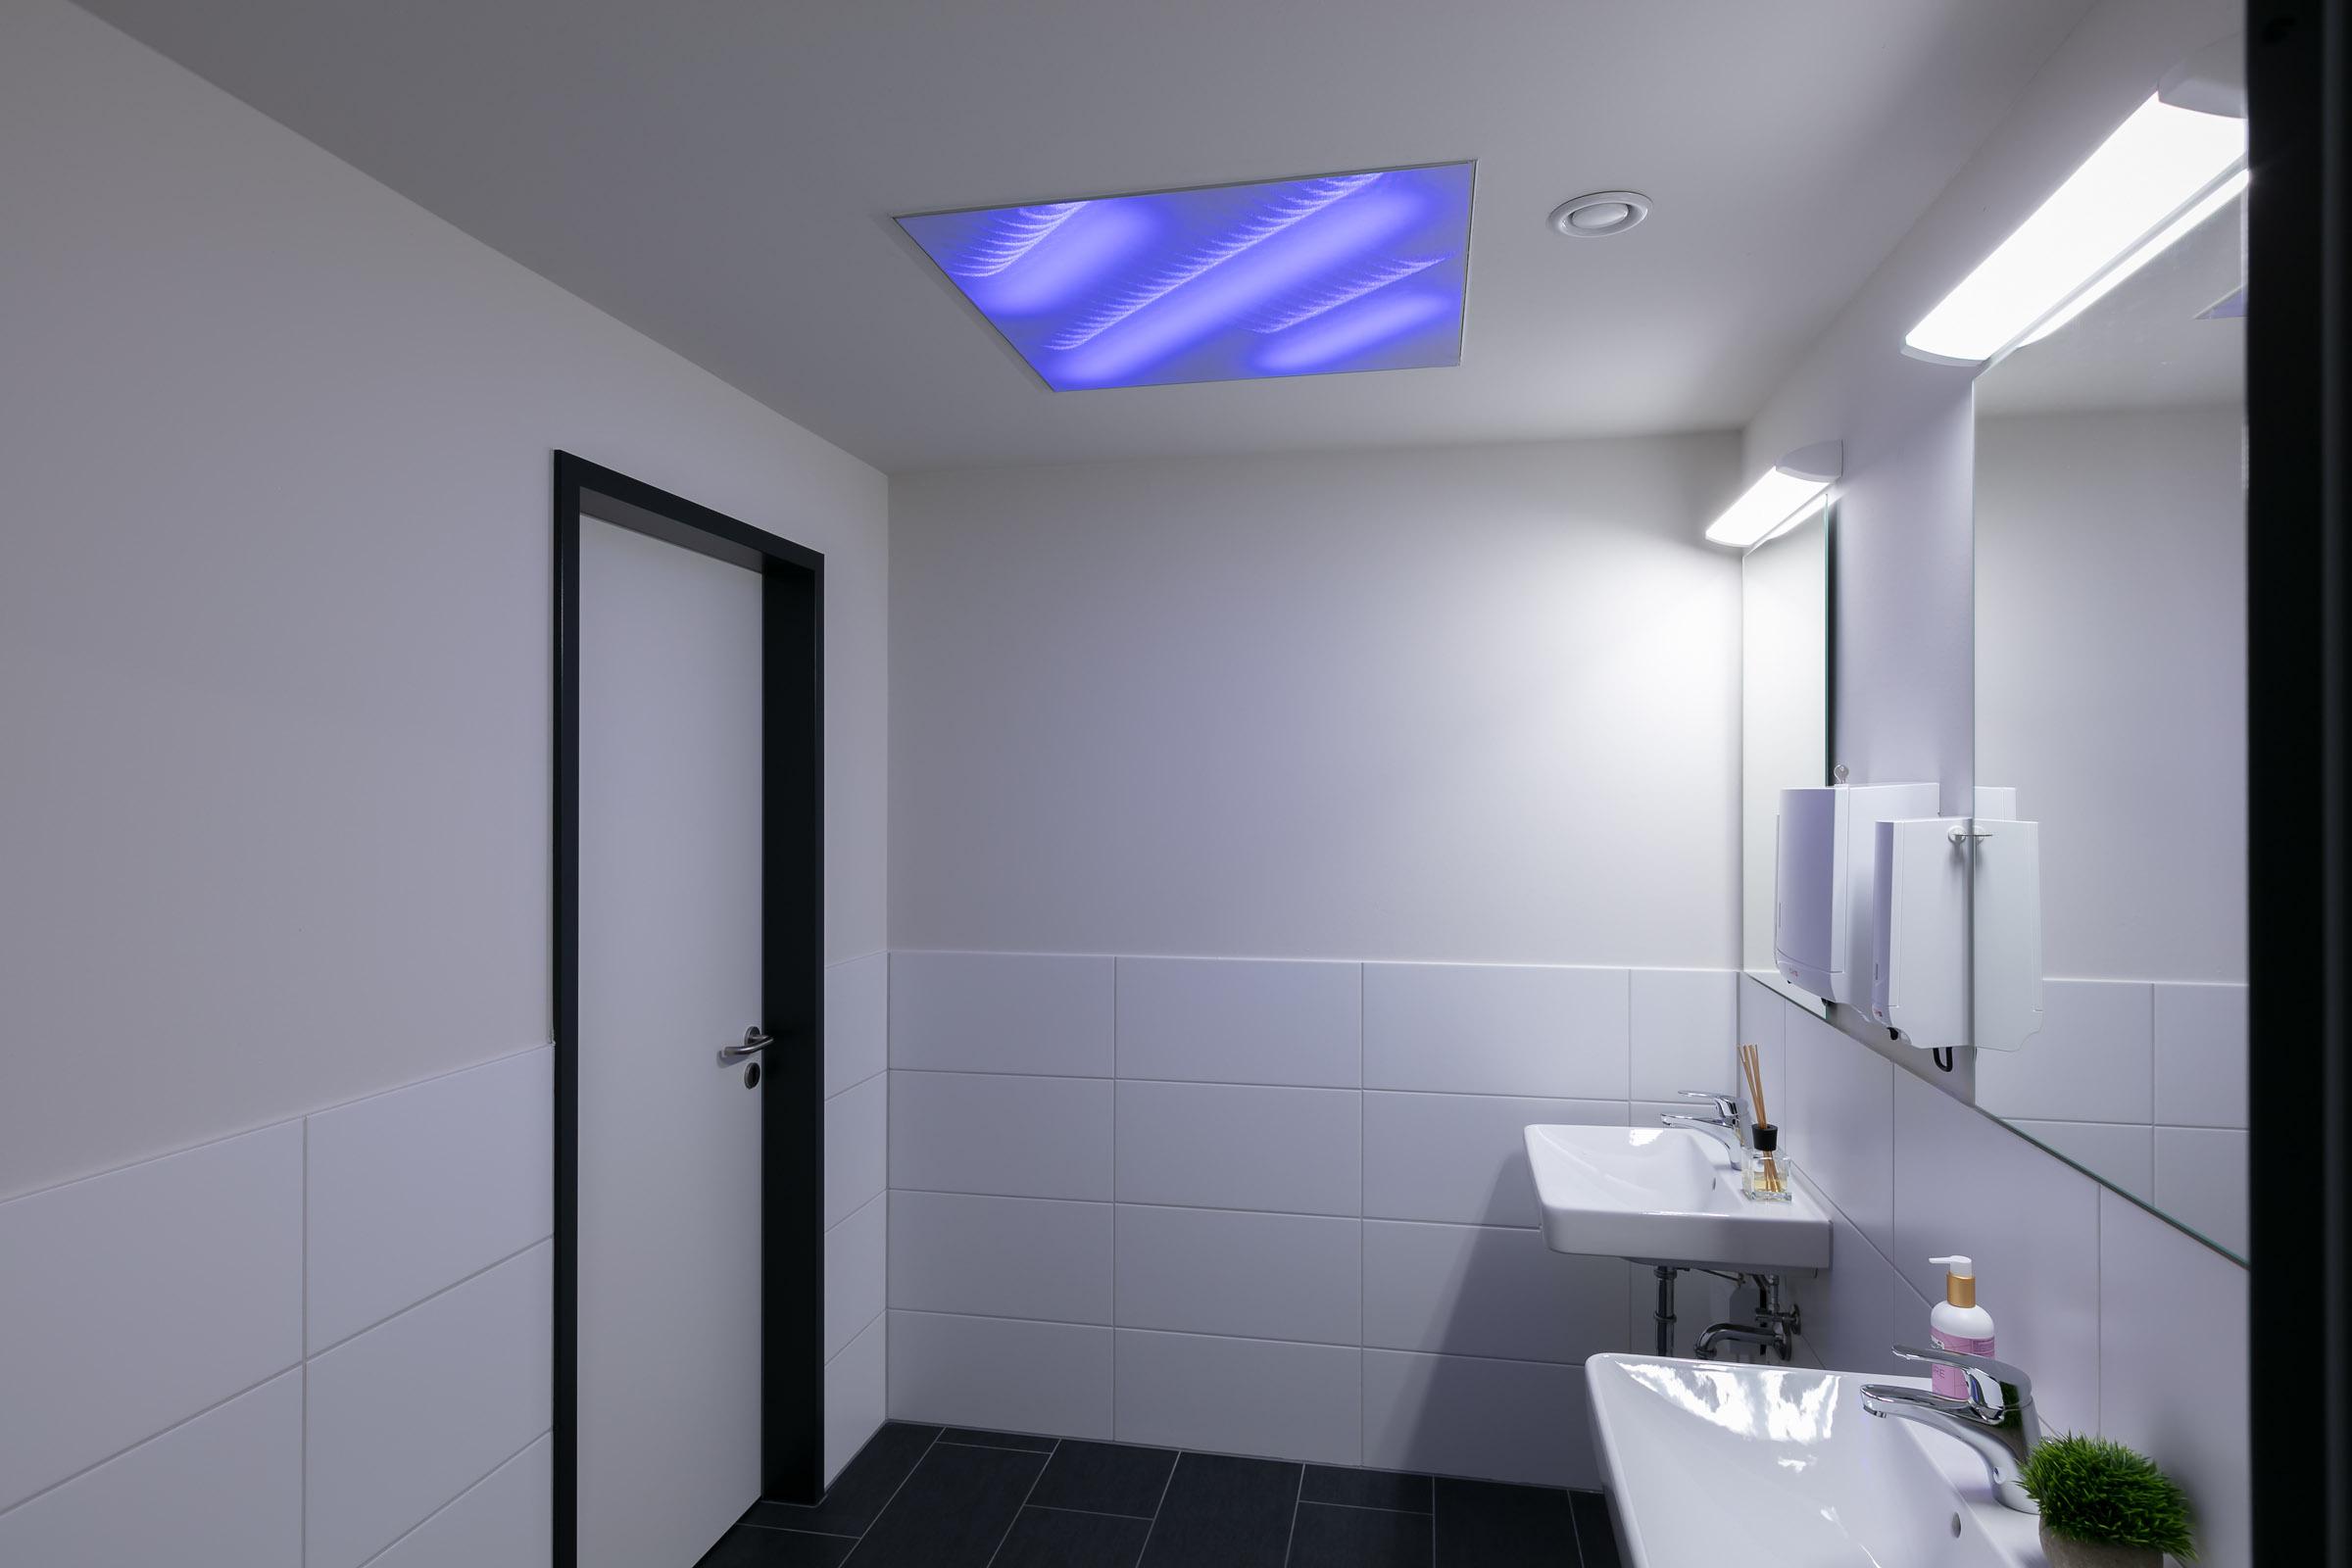 Sanitärbereich mit lila leuchtender Lichtdecke eingebaut